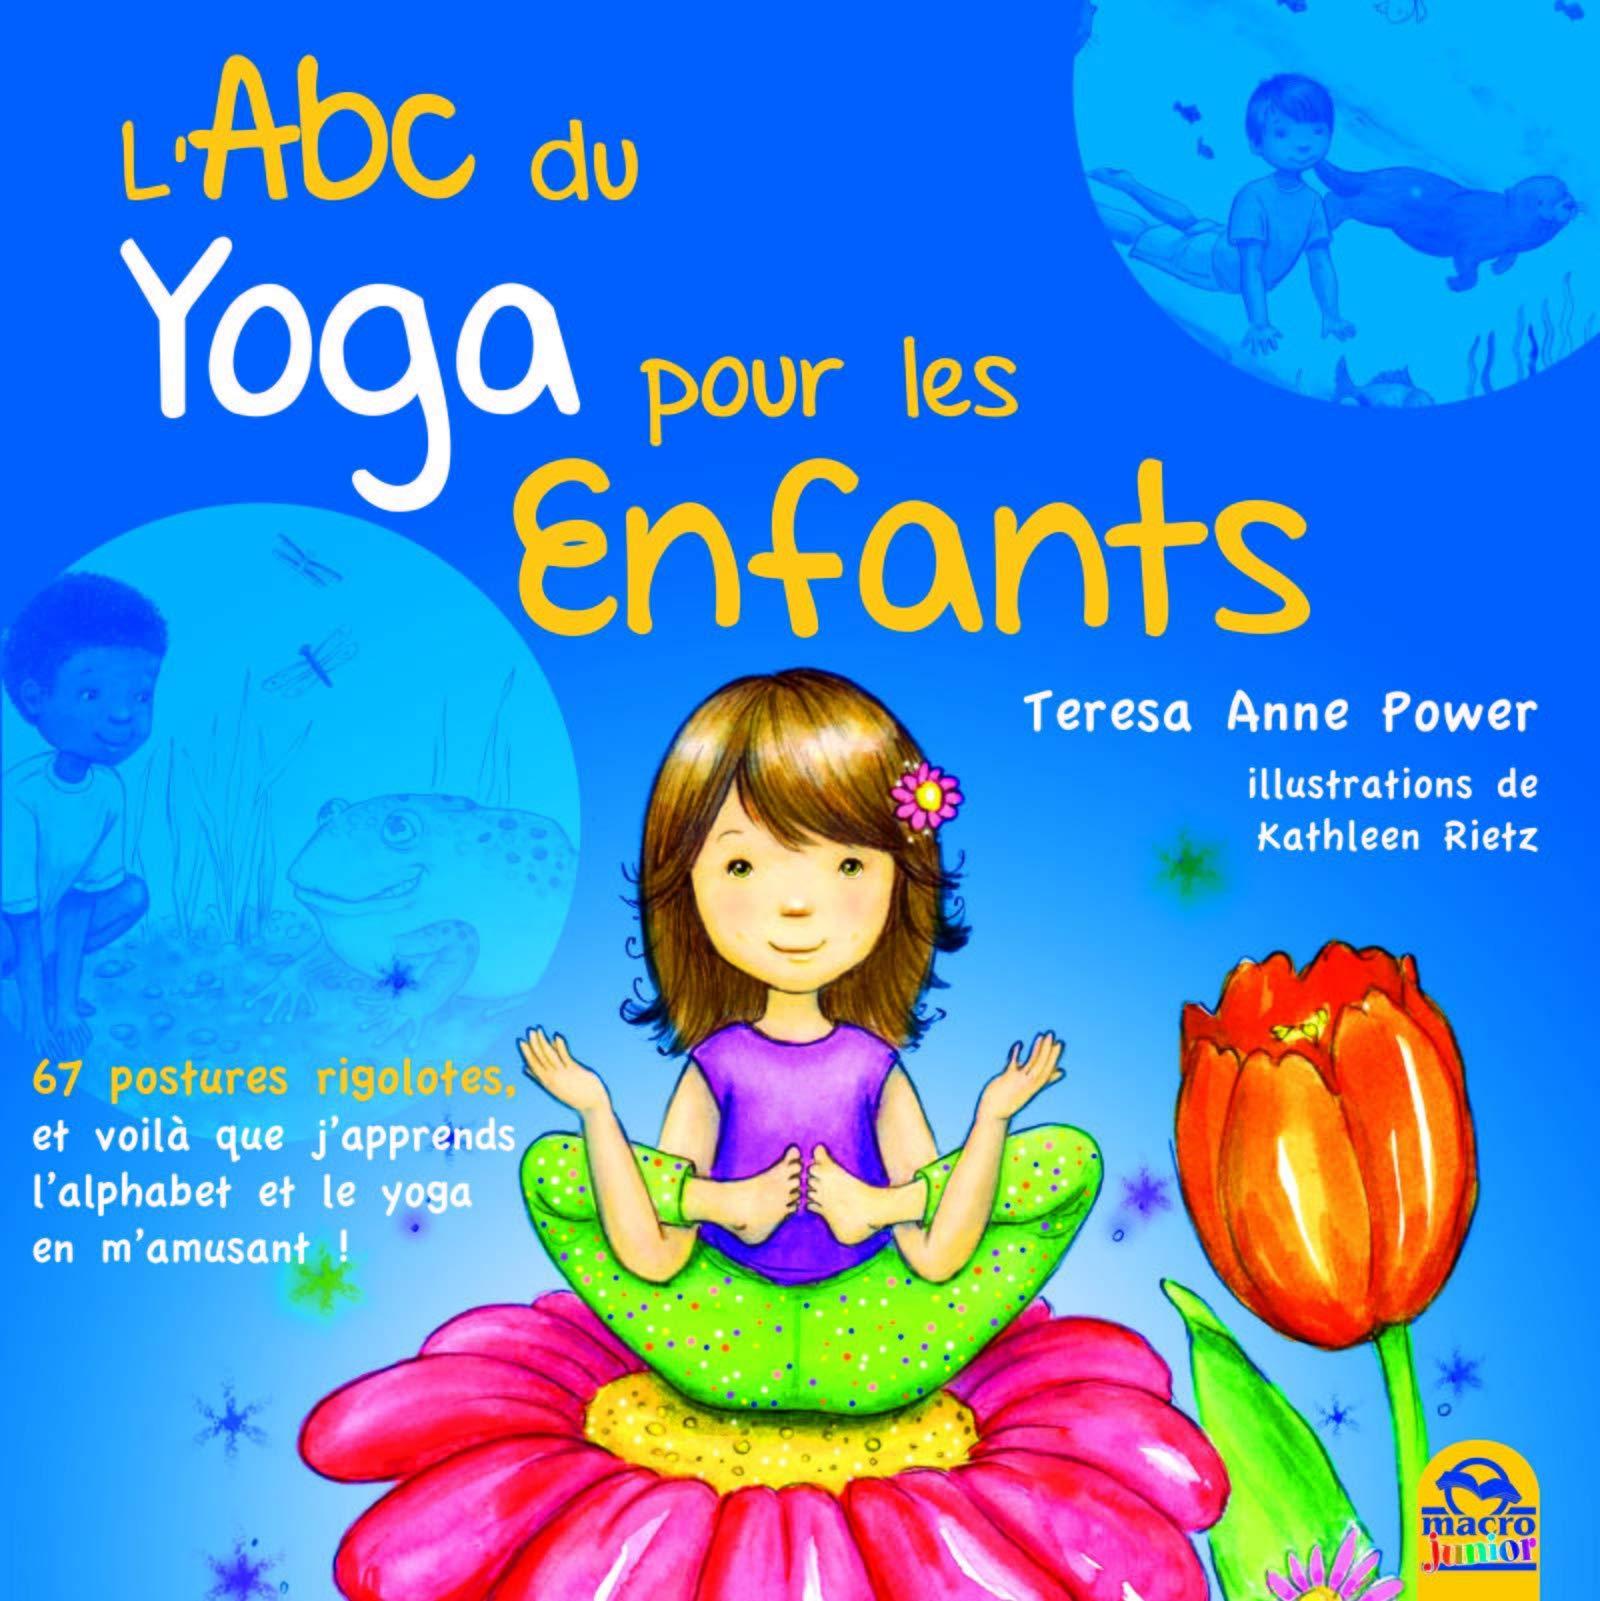 LABC du yoga pour les enfants : 67 postures rigolotes, et ...